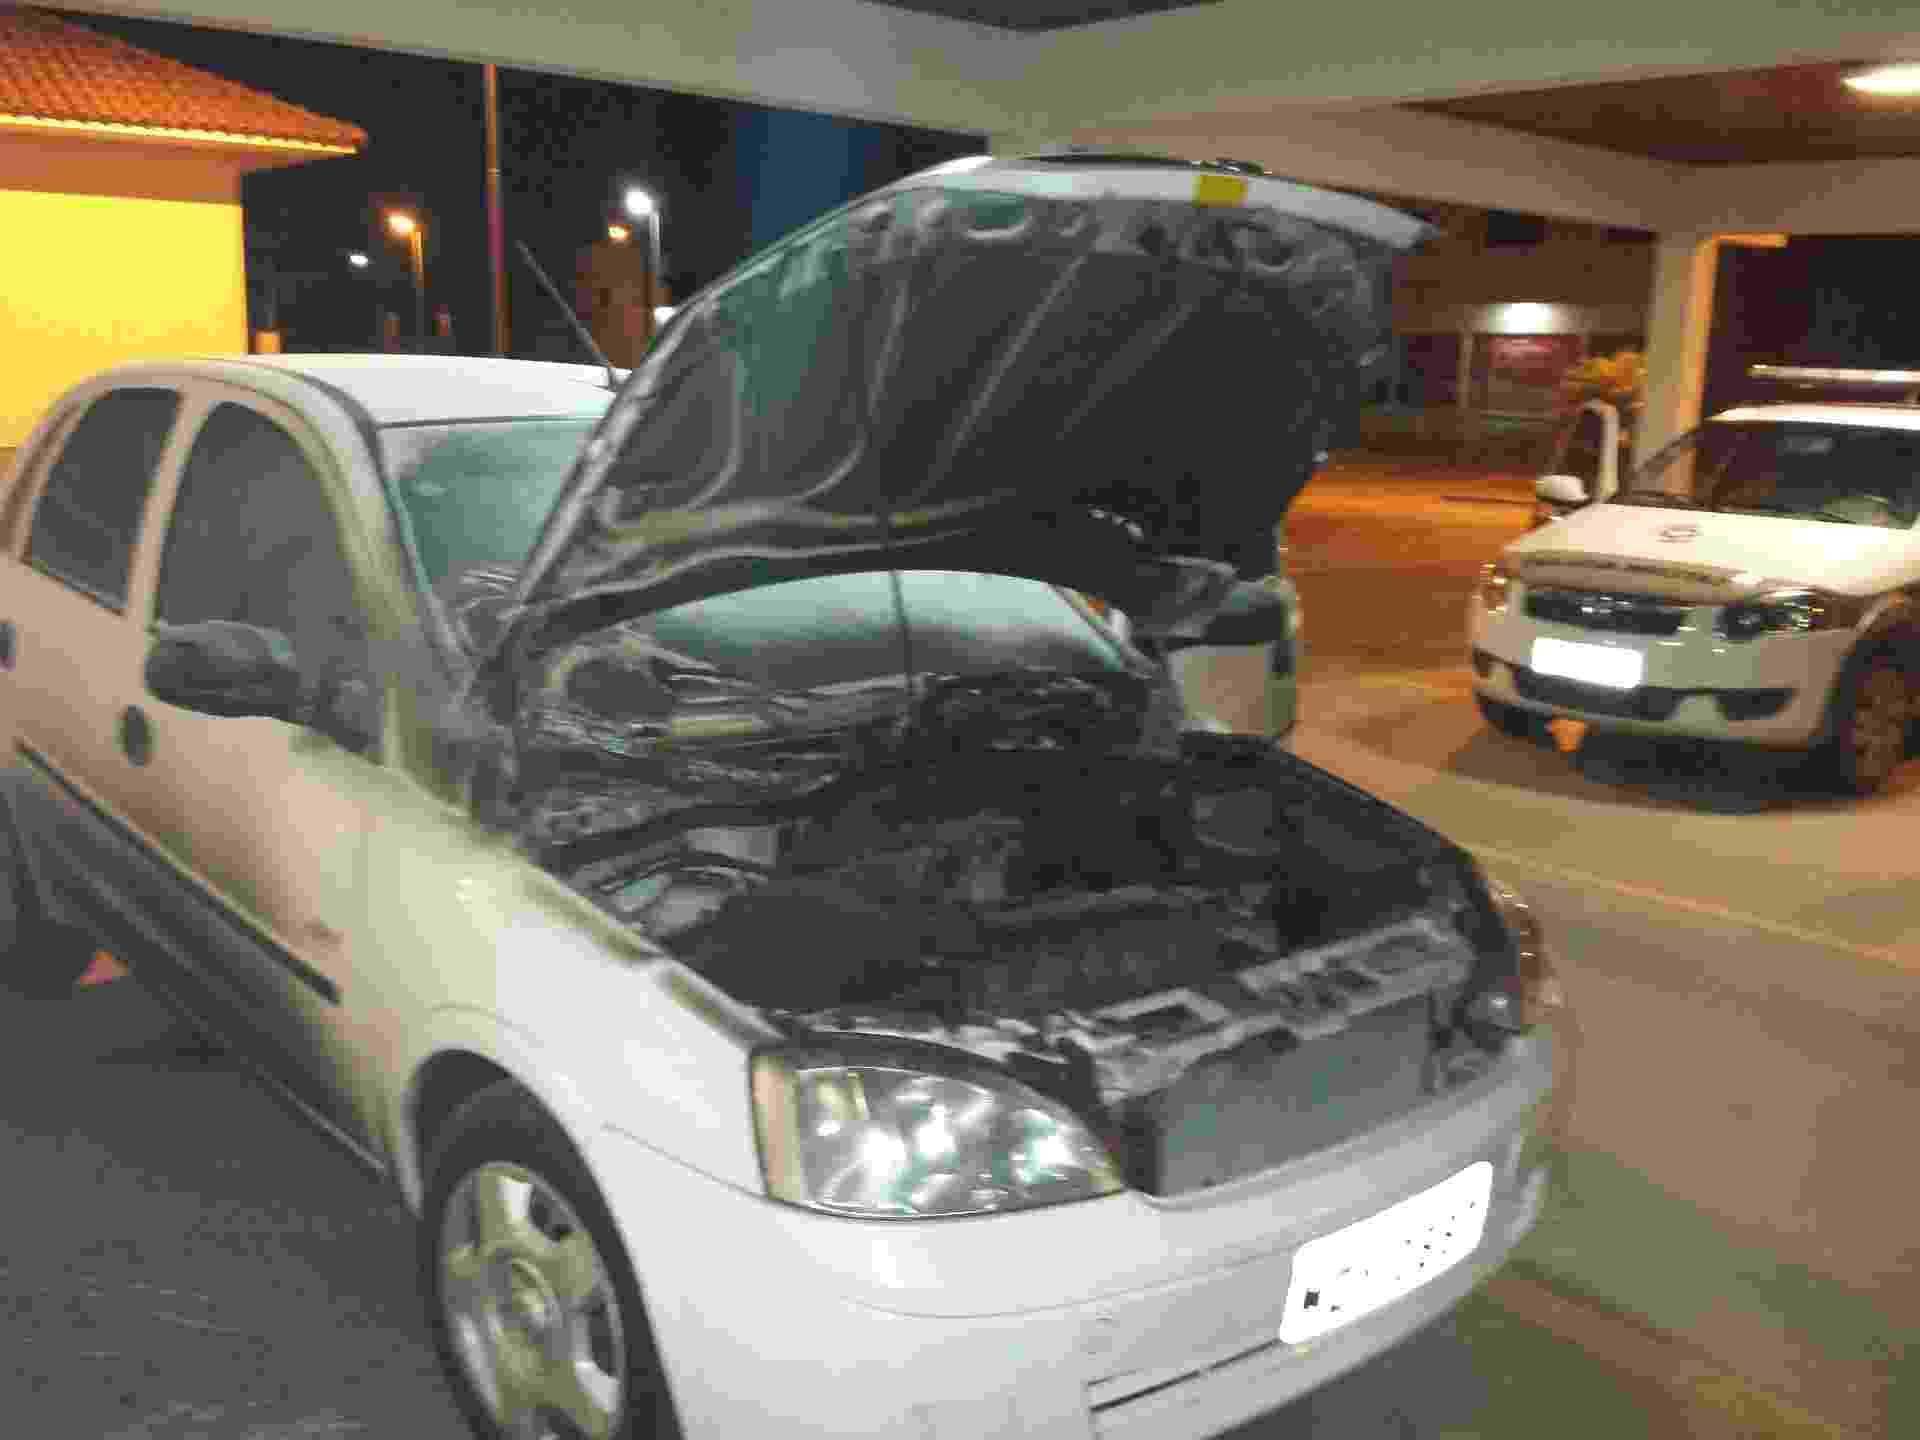 2.out.2014 - Um veículo foi incendiado  dentro do pátio do Fórum da cidade de Camboriú no litoral norte de Santa Catarina. Ao menos 17 cidades foram alvos de ataques criminosos desde que começou na sexta-feira (26) uma onda de violência no Estado - Marcos Porto/Agência RBS/Estadão Conteúdo